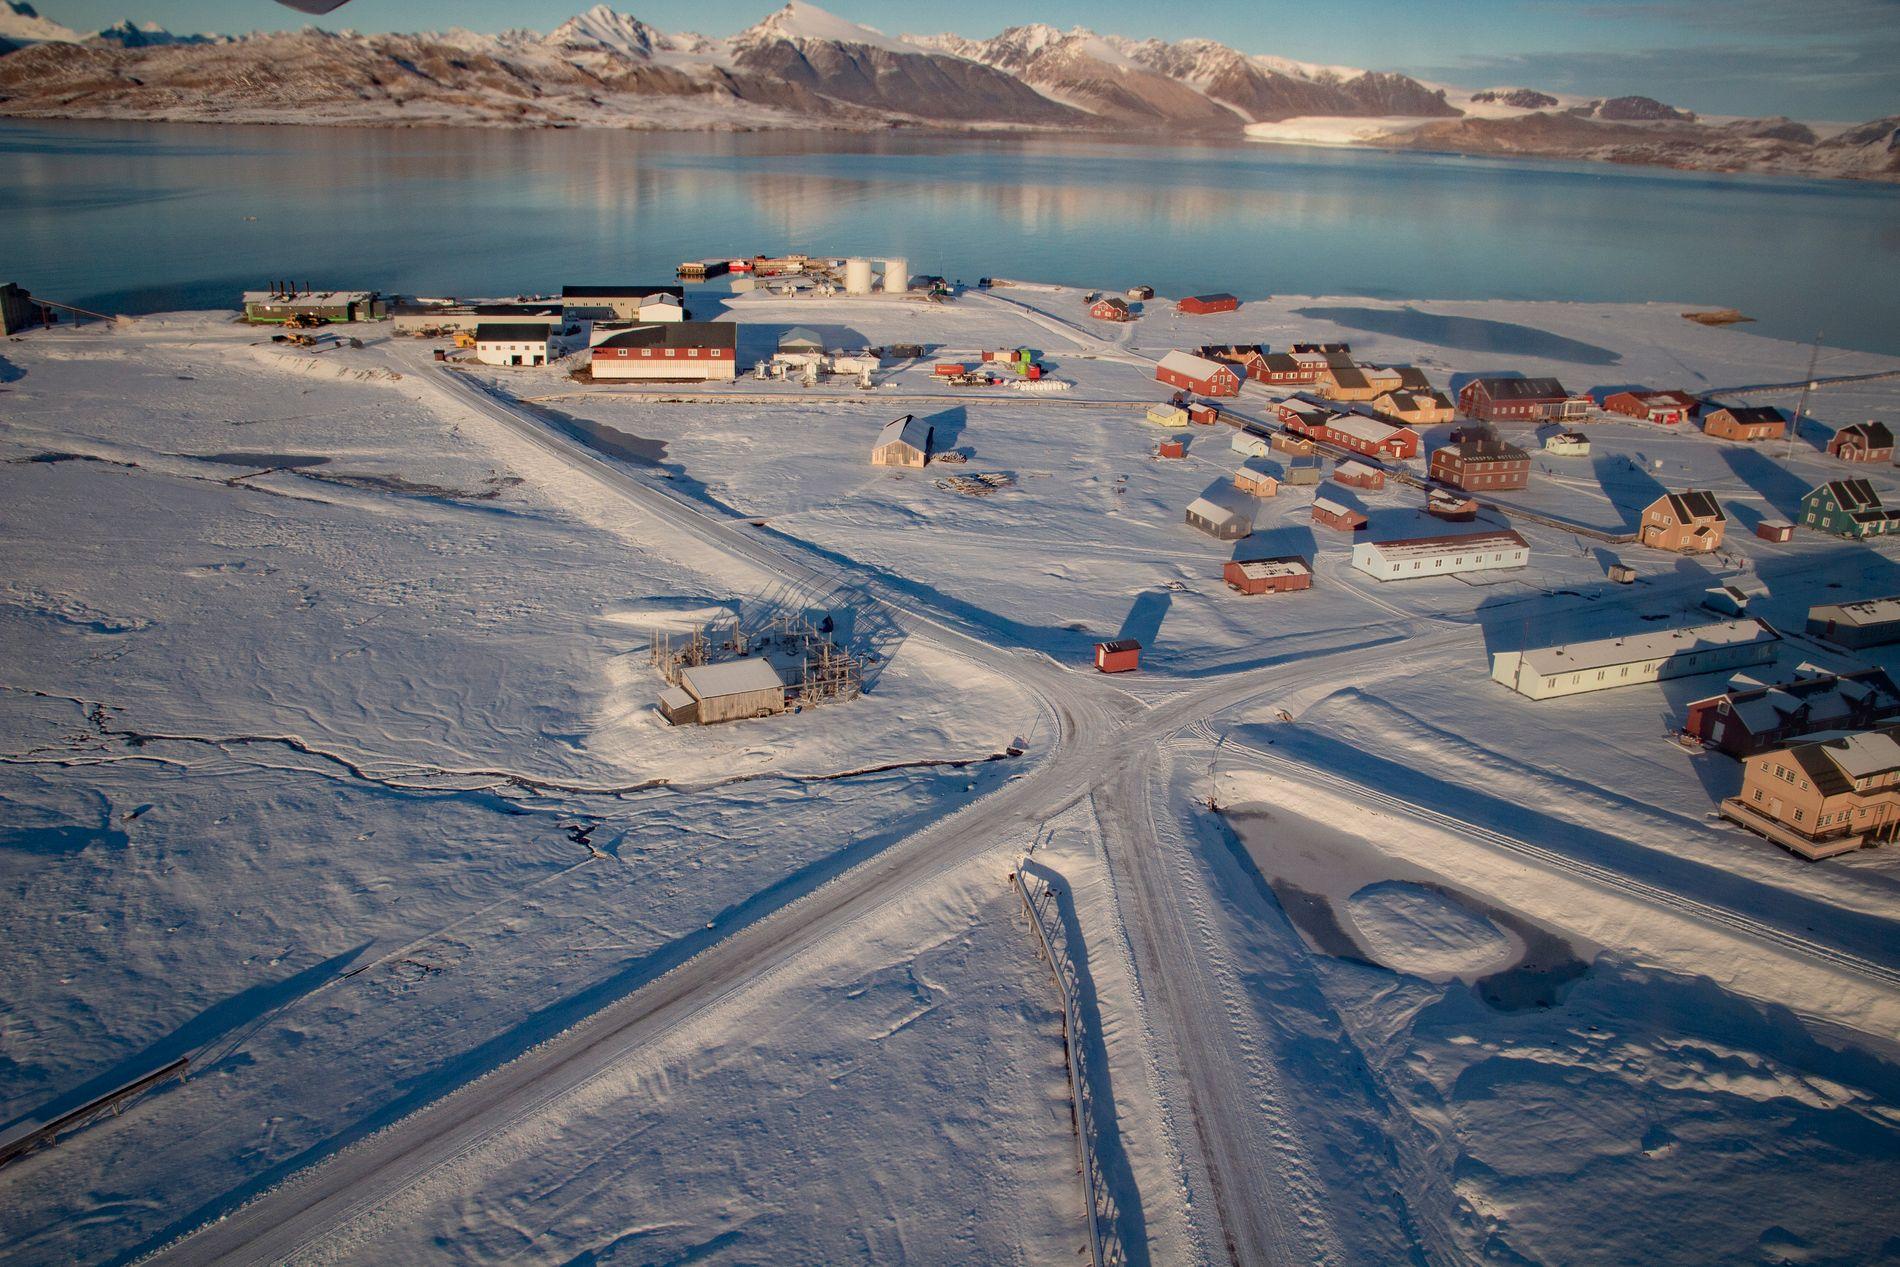 Befolkningen i Ny-Ålesund på Svalbard vil trolig oppleve mer nedbør og større fare for flom og løsmasseskred dersom klimautslippene forblir høye. Foto: Are Føli / NTB scanpix.